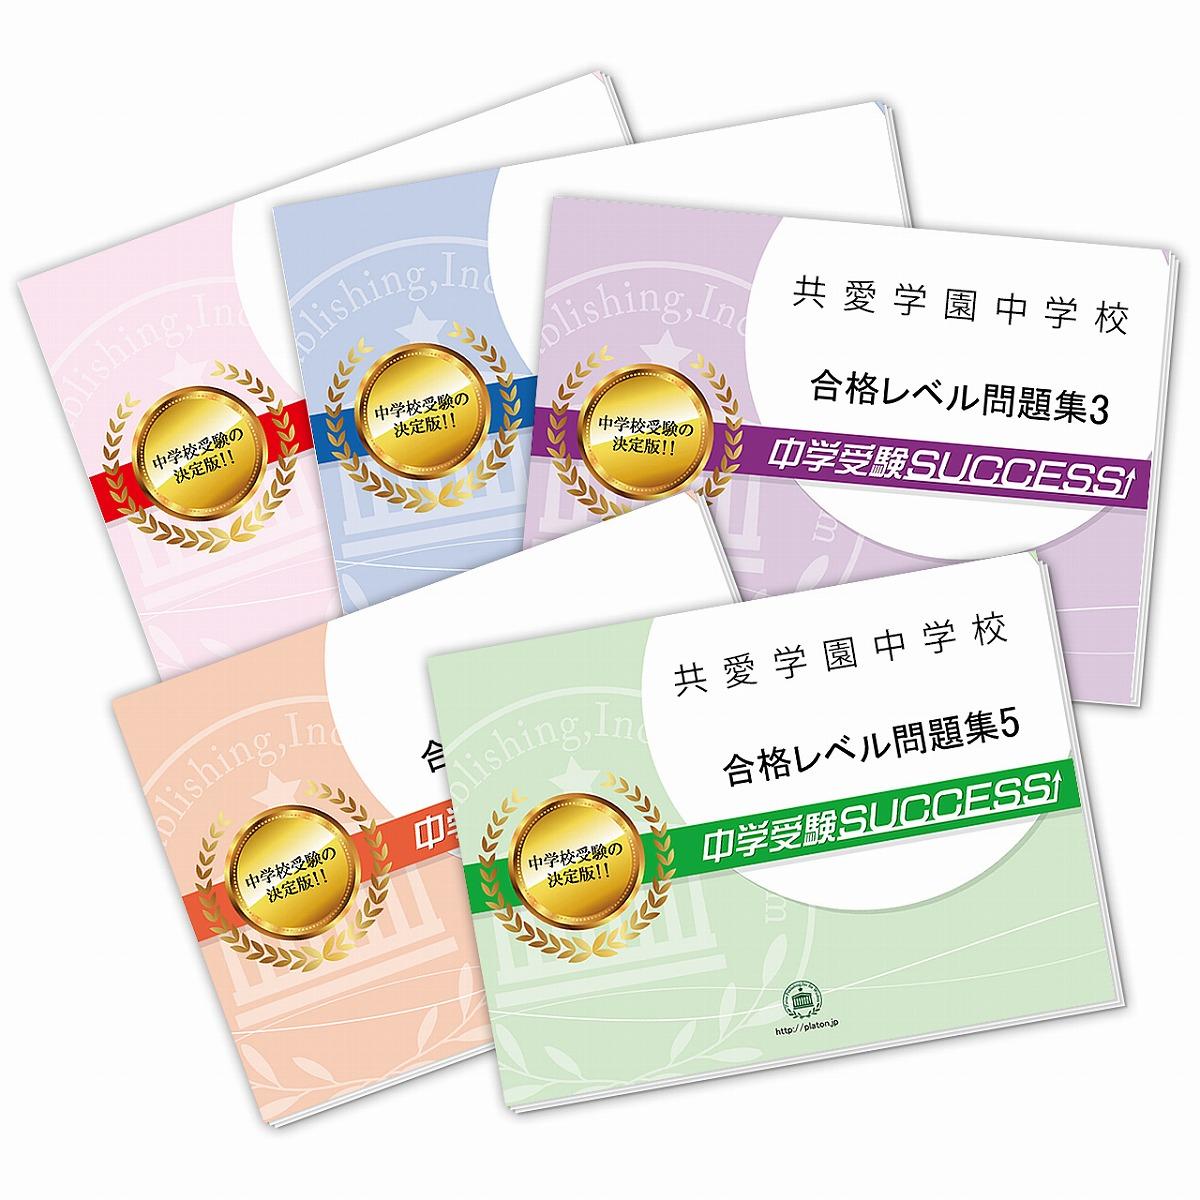 商品 送料無料激安祭 送料 代引手数料無料 共愛学園中学校 直前対策合格セット 5冊